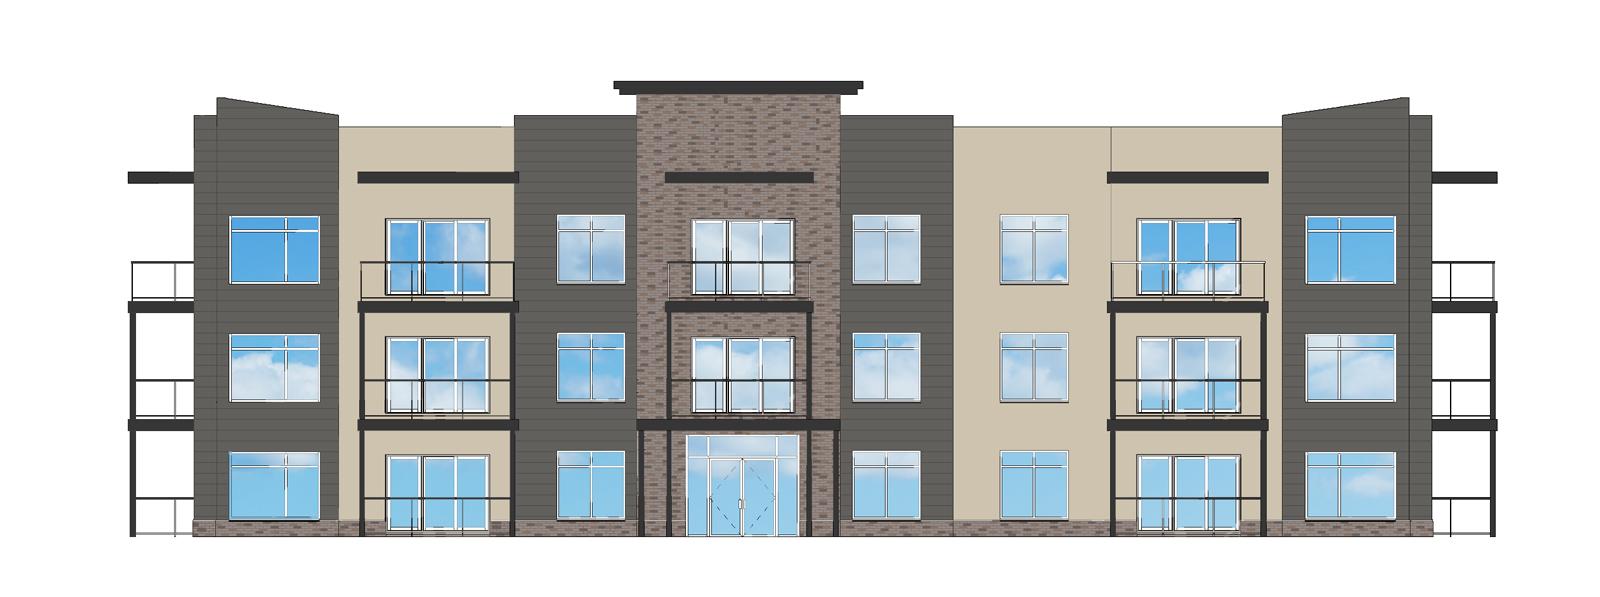 KV Properties - Sandstone Building